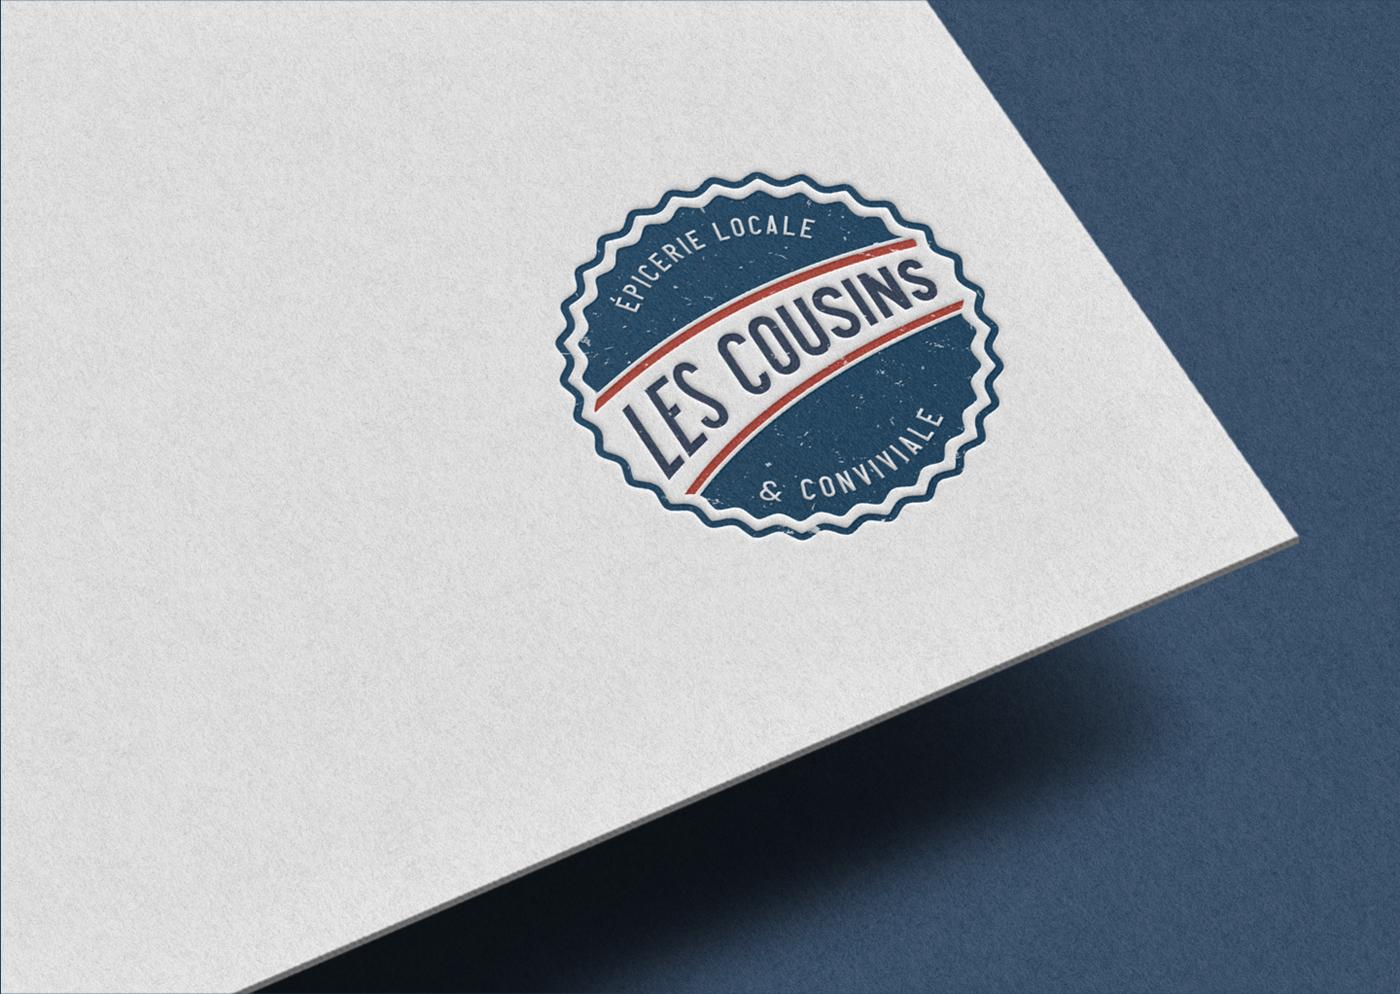 Les Cousins logo secondaire embossé - Mathieu Dupuis freelance